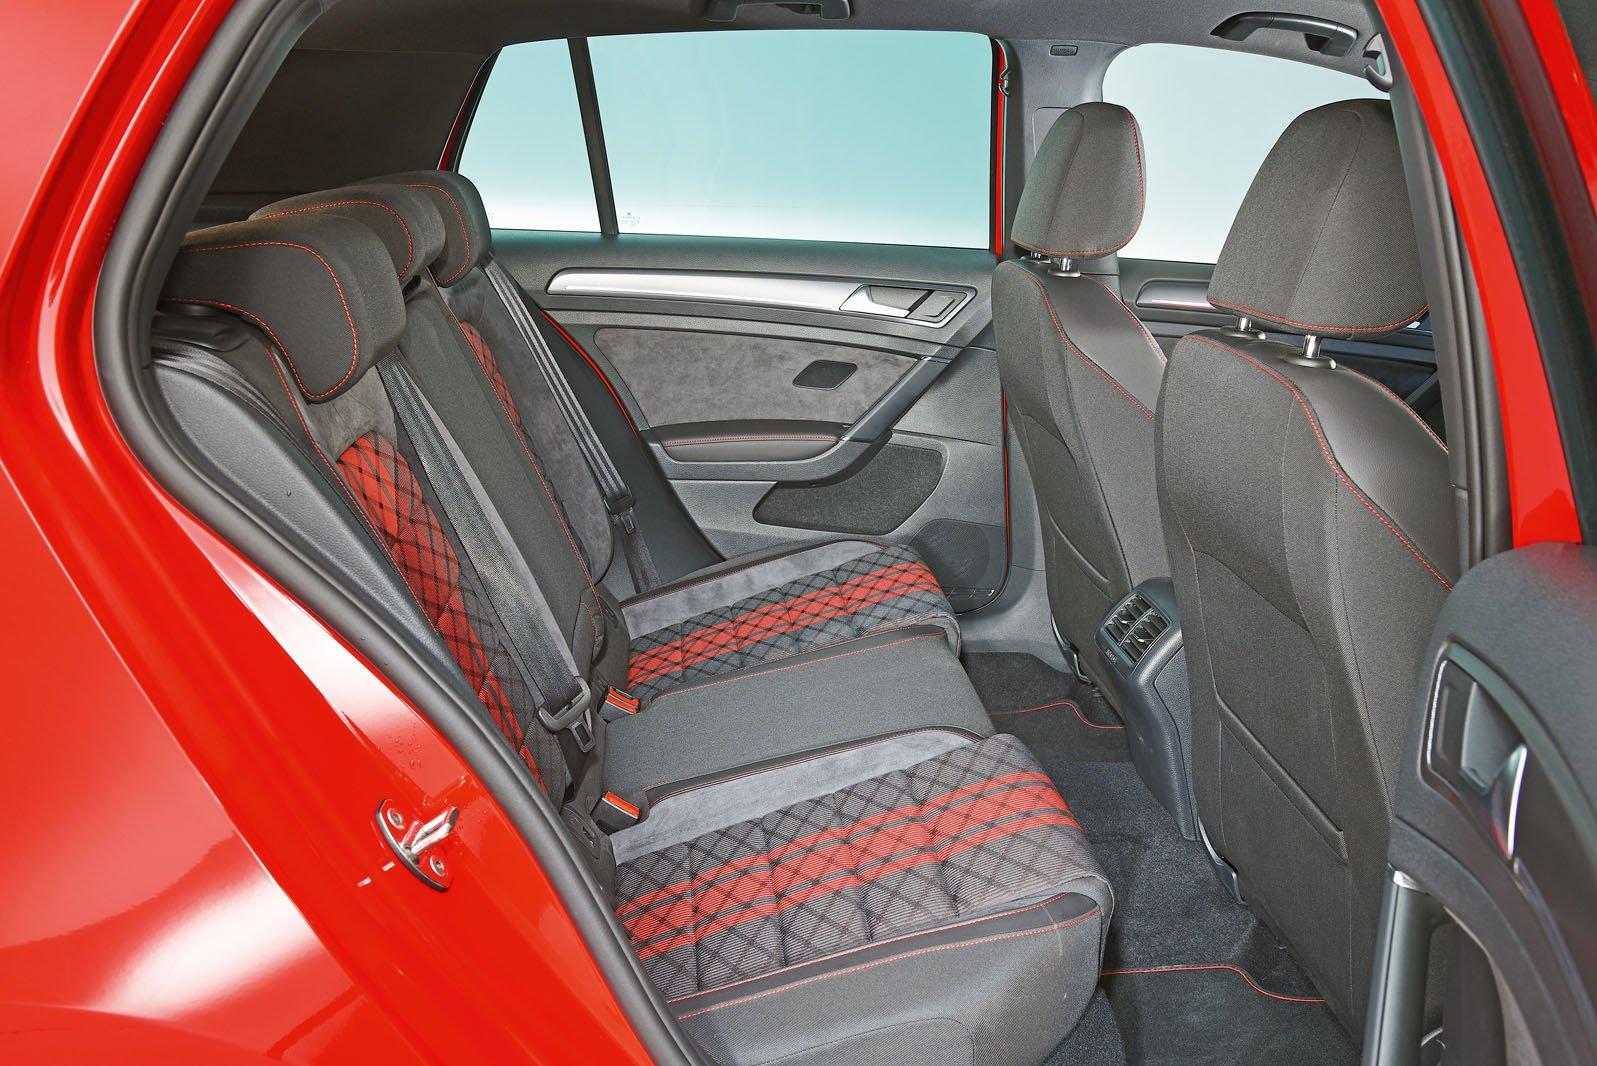 Volkswagen Golf GTI rear seats